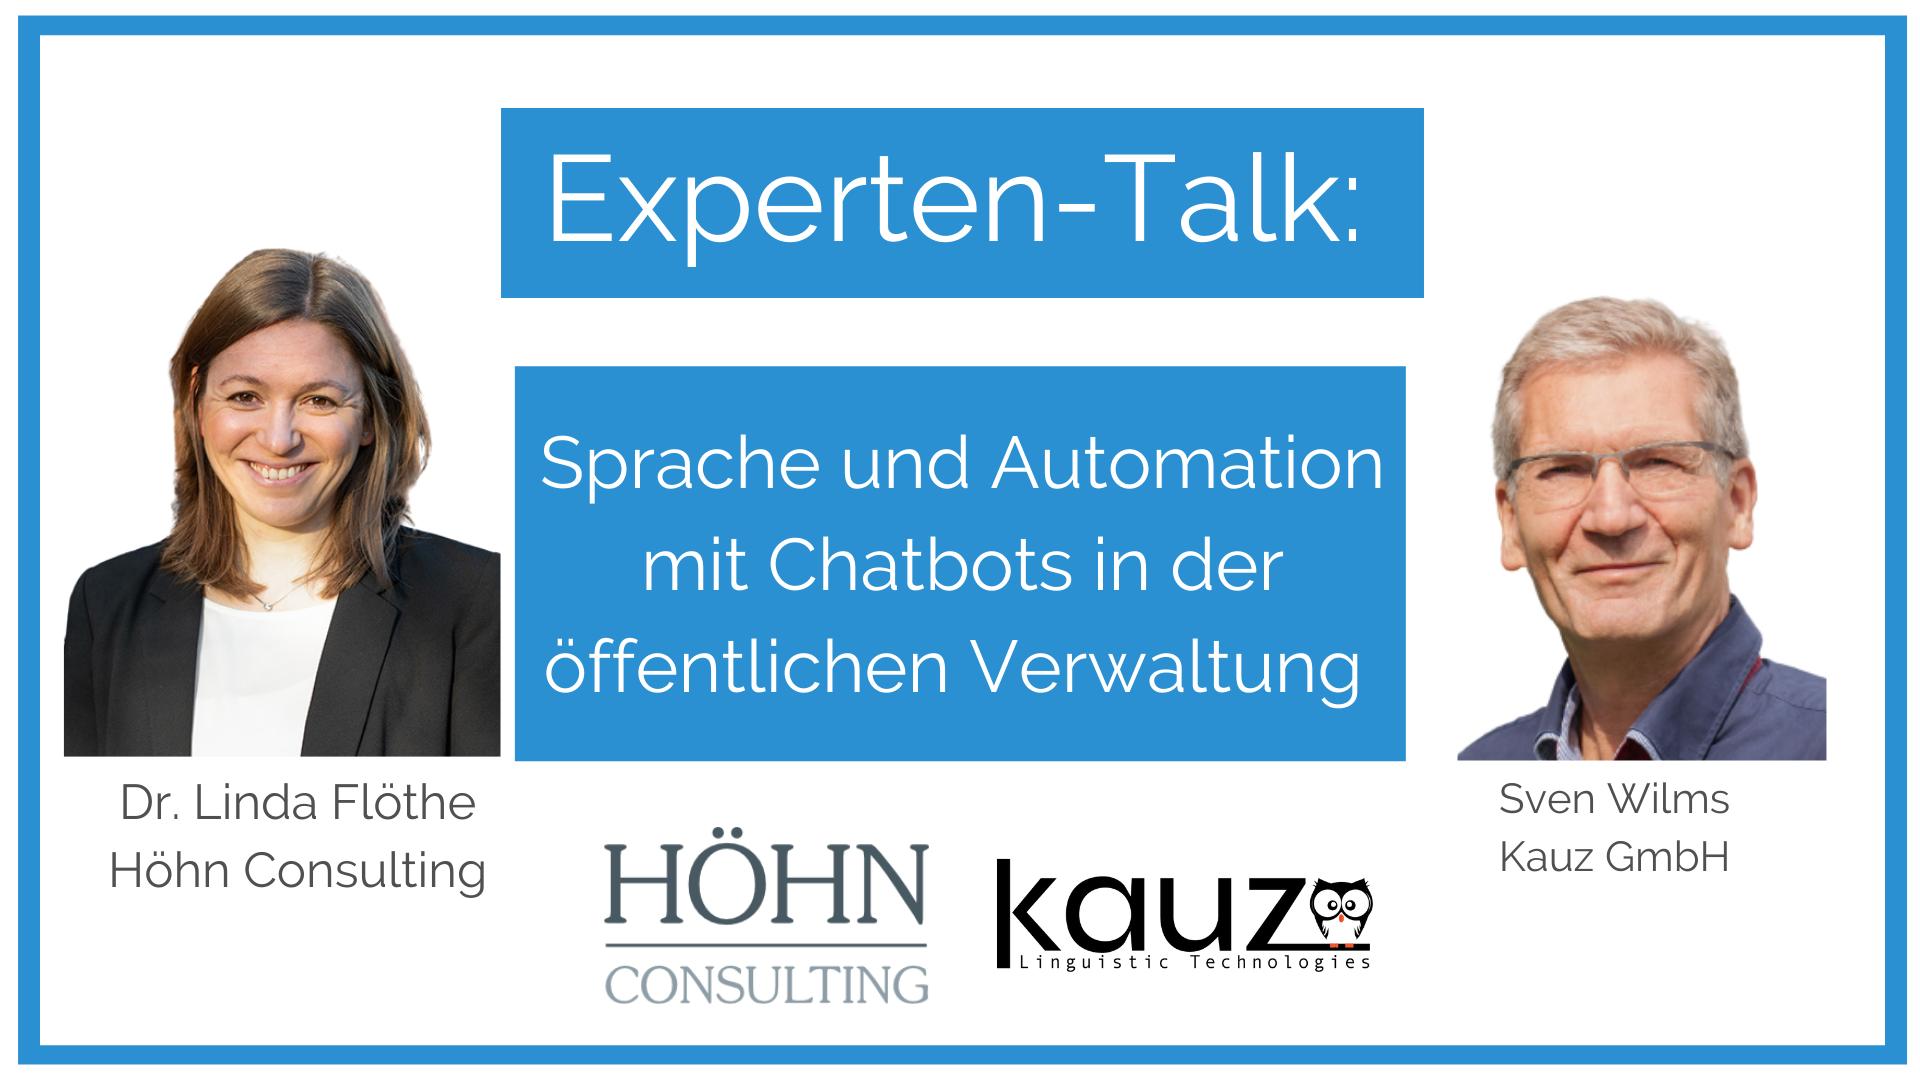 Sprache Und Automation Mit Chatbots Oeffentliche Verwaltung Hoehn Consulting Und Kauz